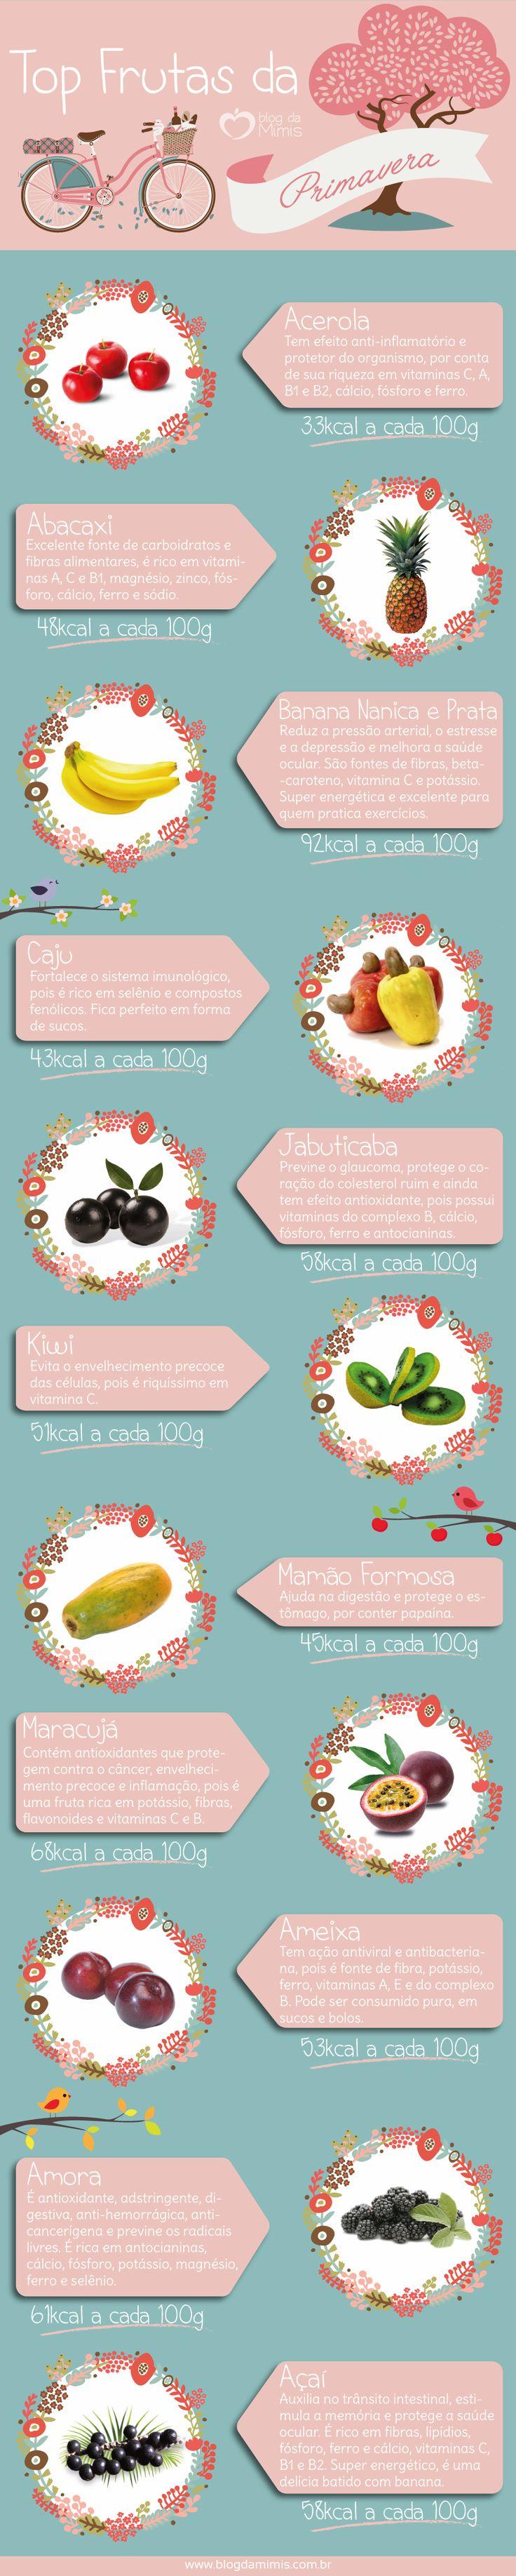 Top-frutas-da-primavera-blog-da-mimis-michelle-franzoni-post